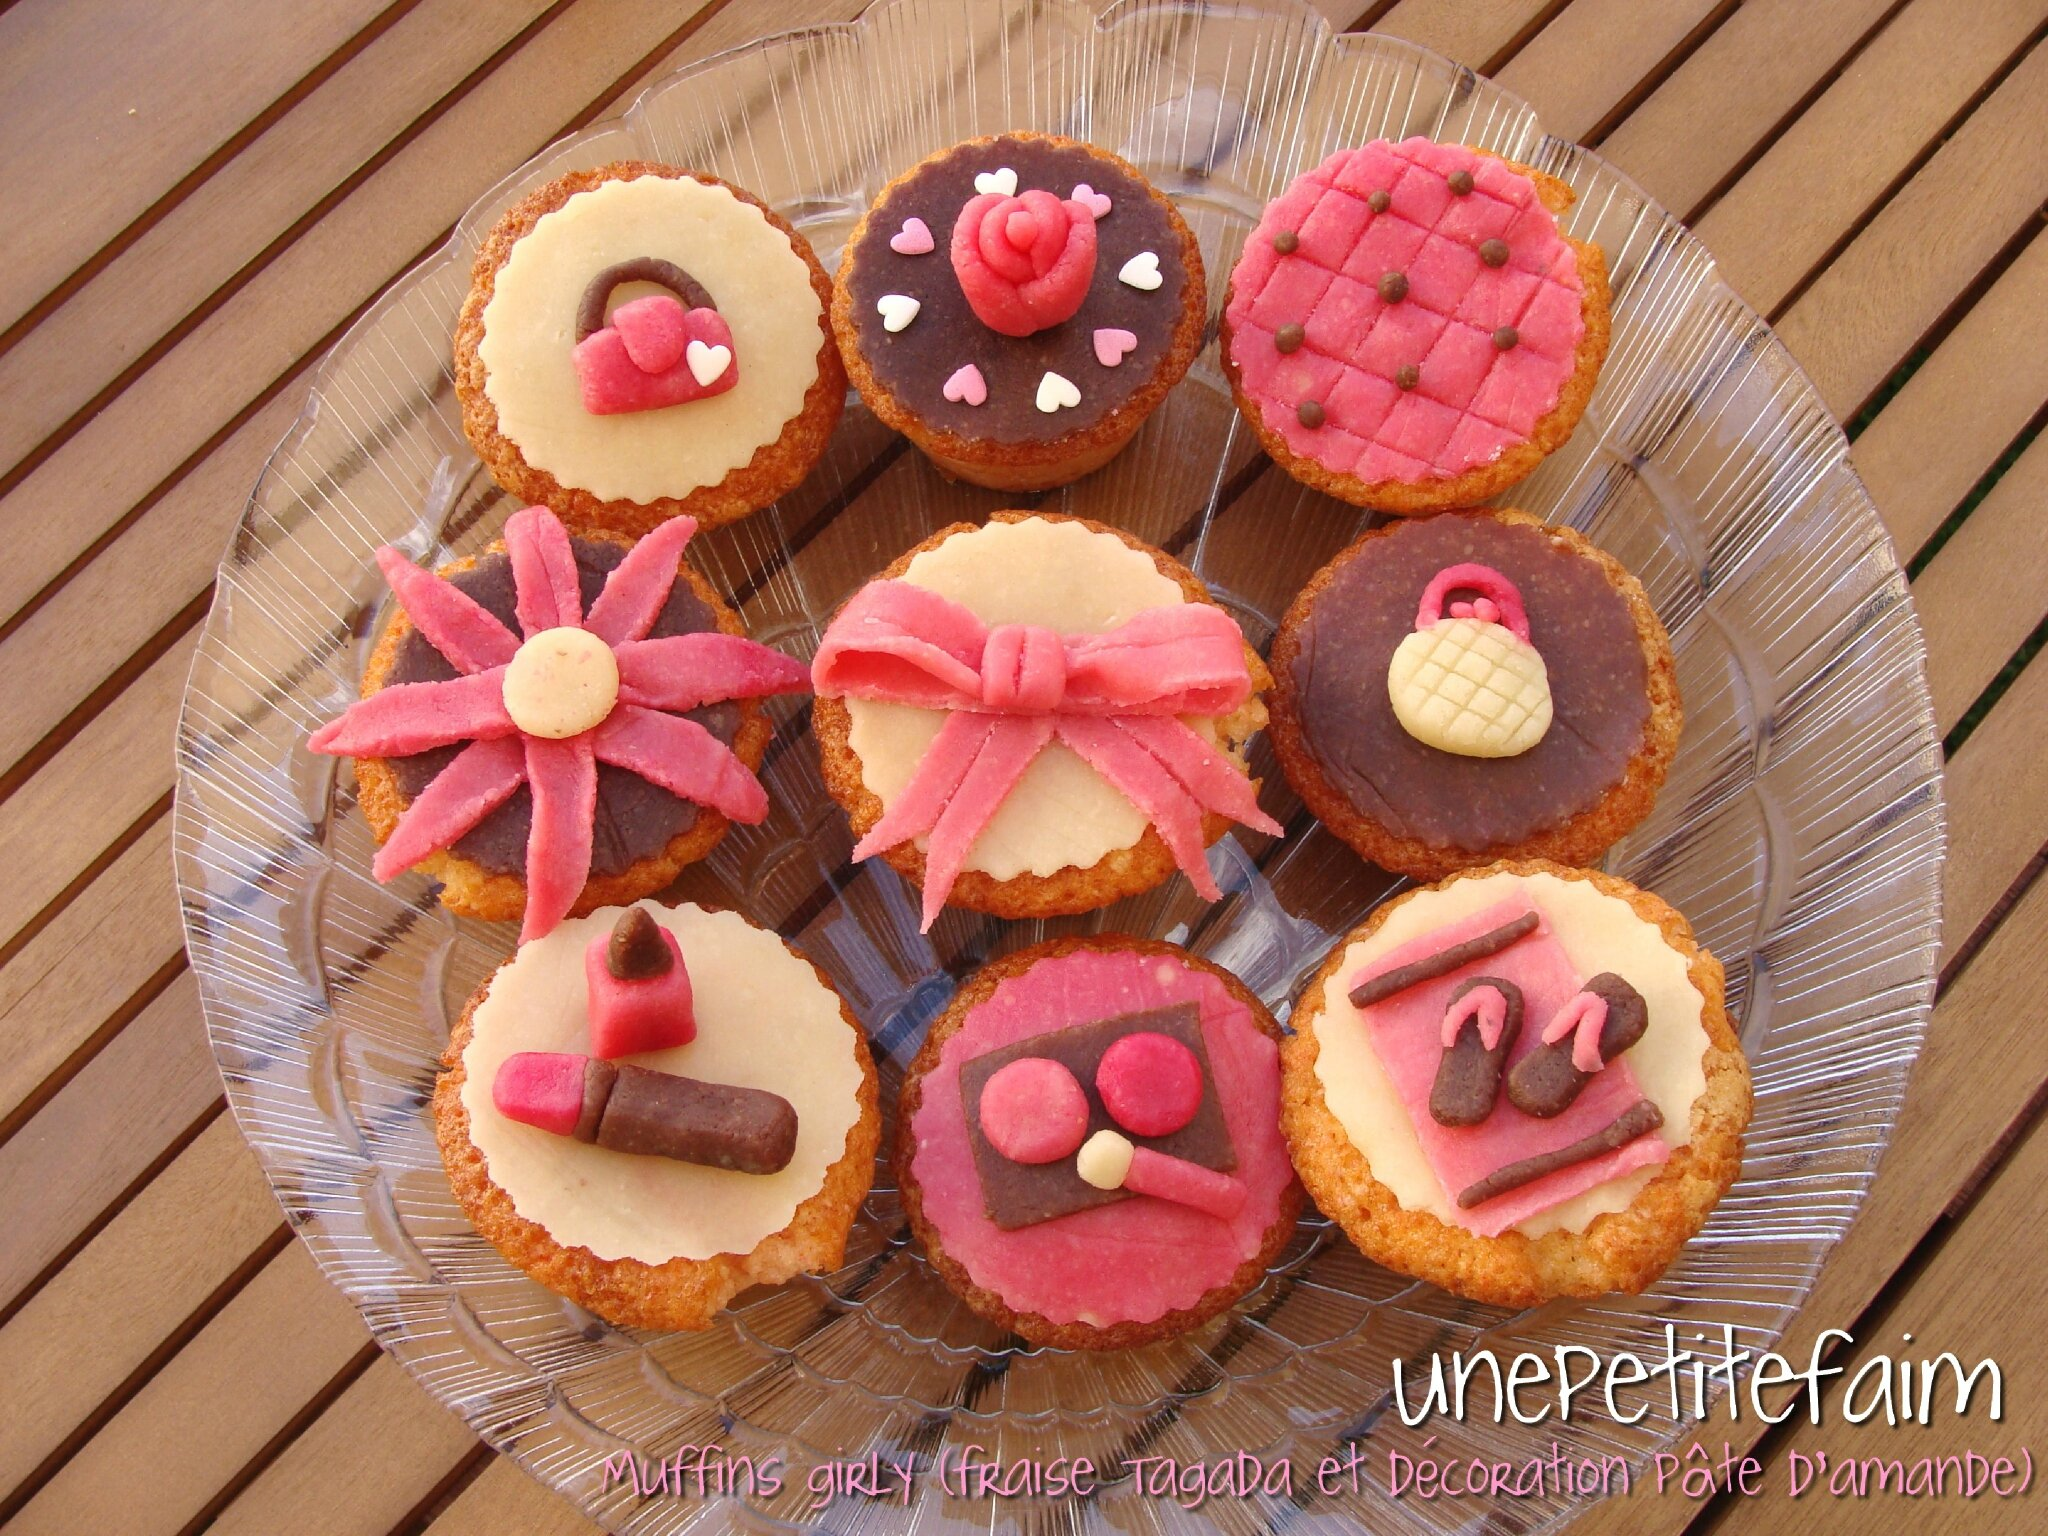 Muffins girly (fraise Tagada et décoration en pâte d'amande)